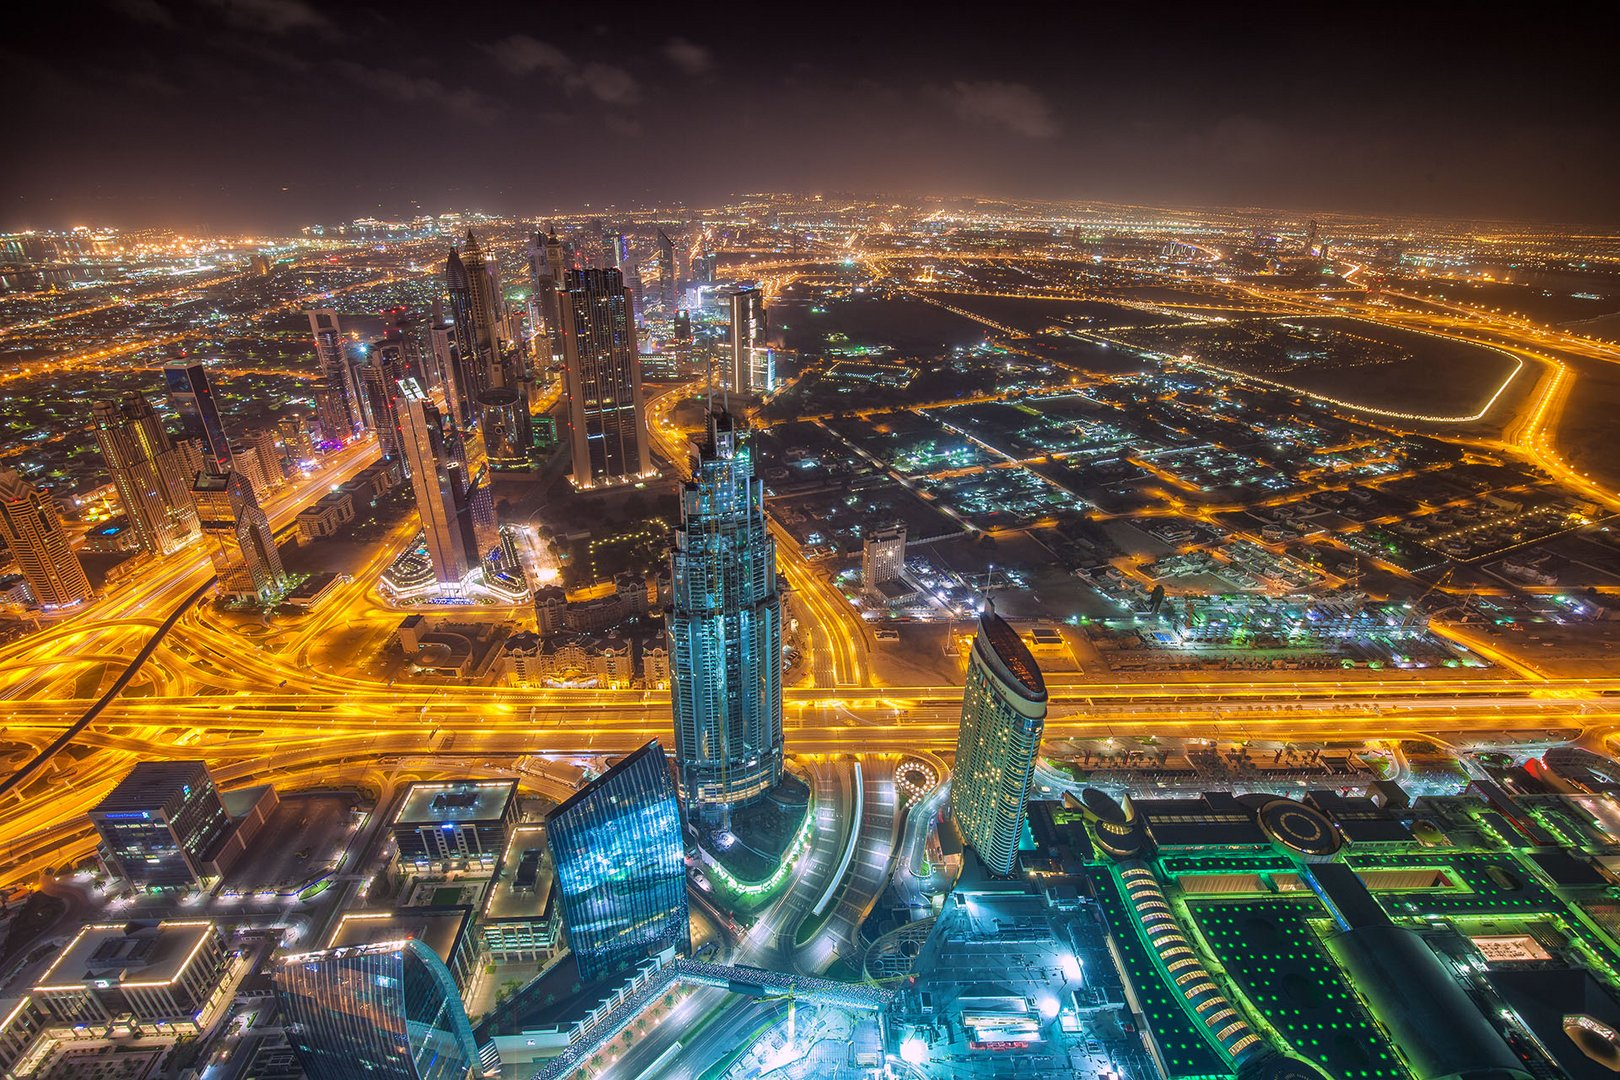 Dubai before Sunrise